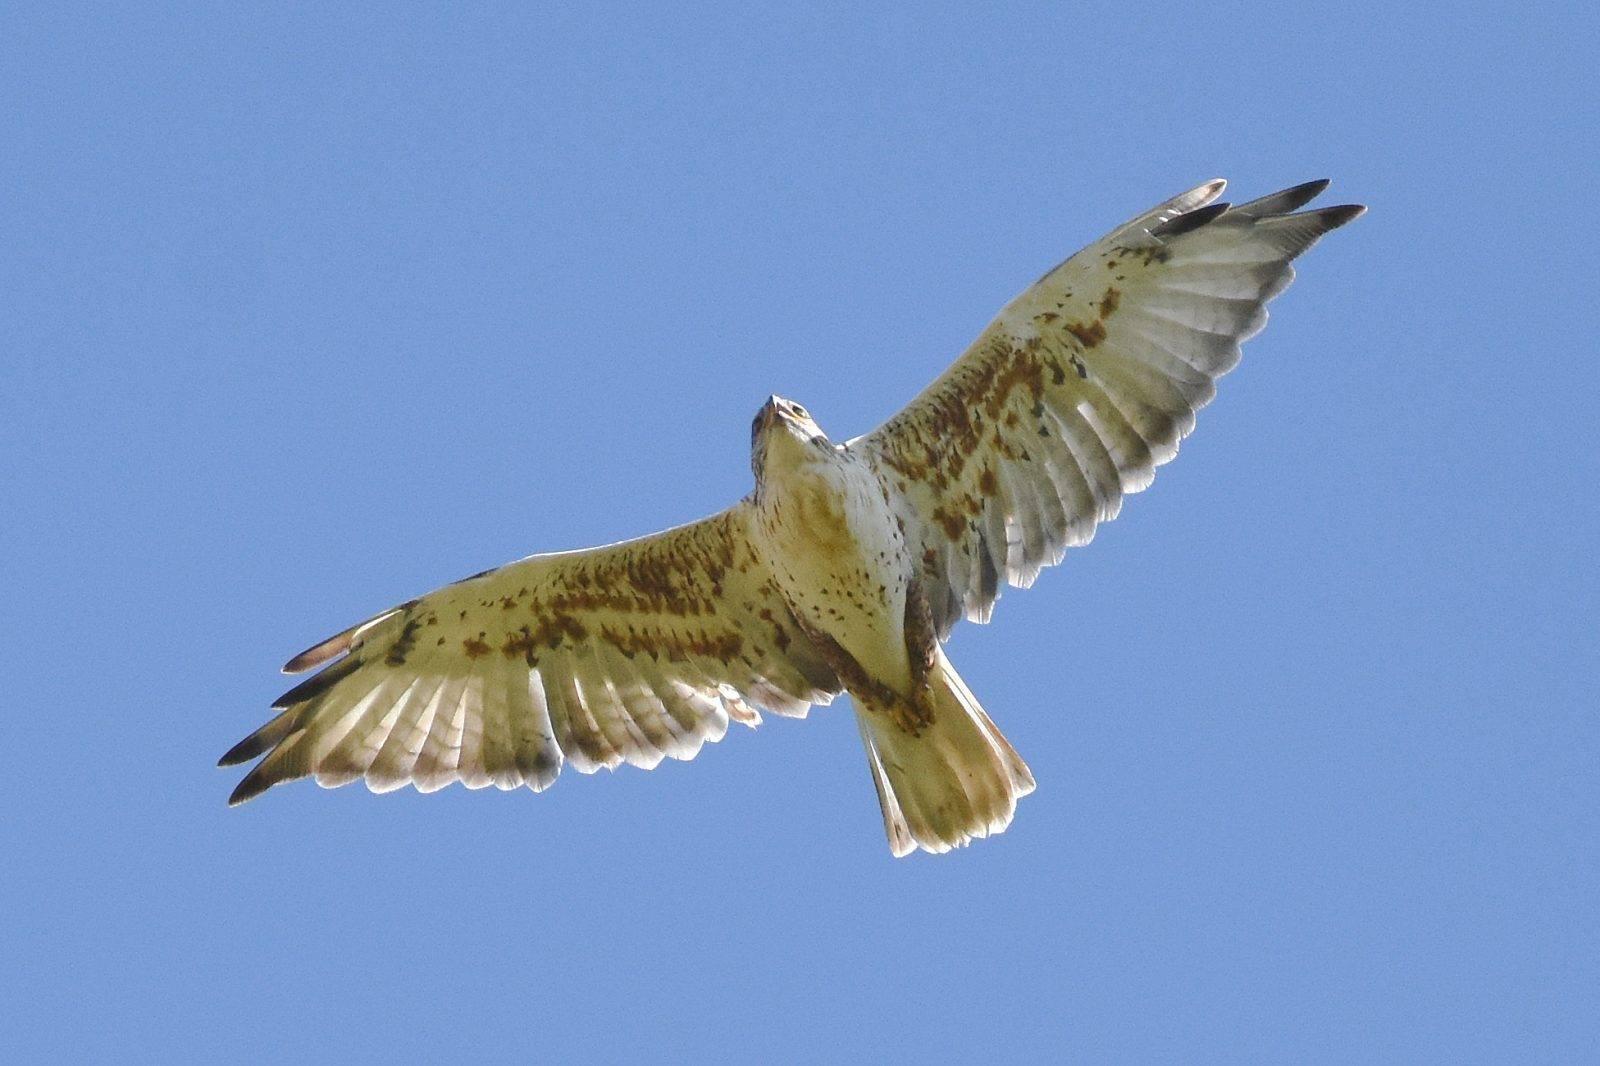 Ferruginous Hawk by David Mundy